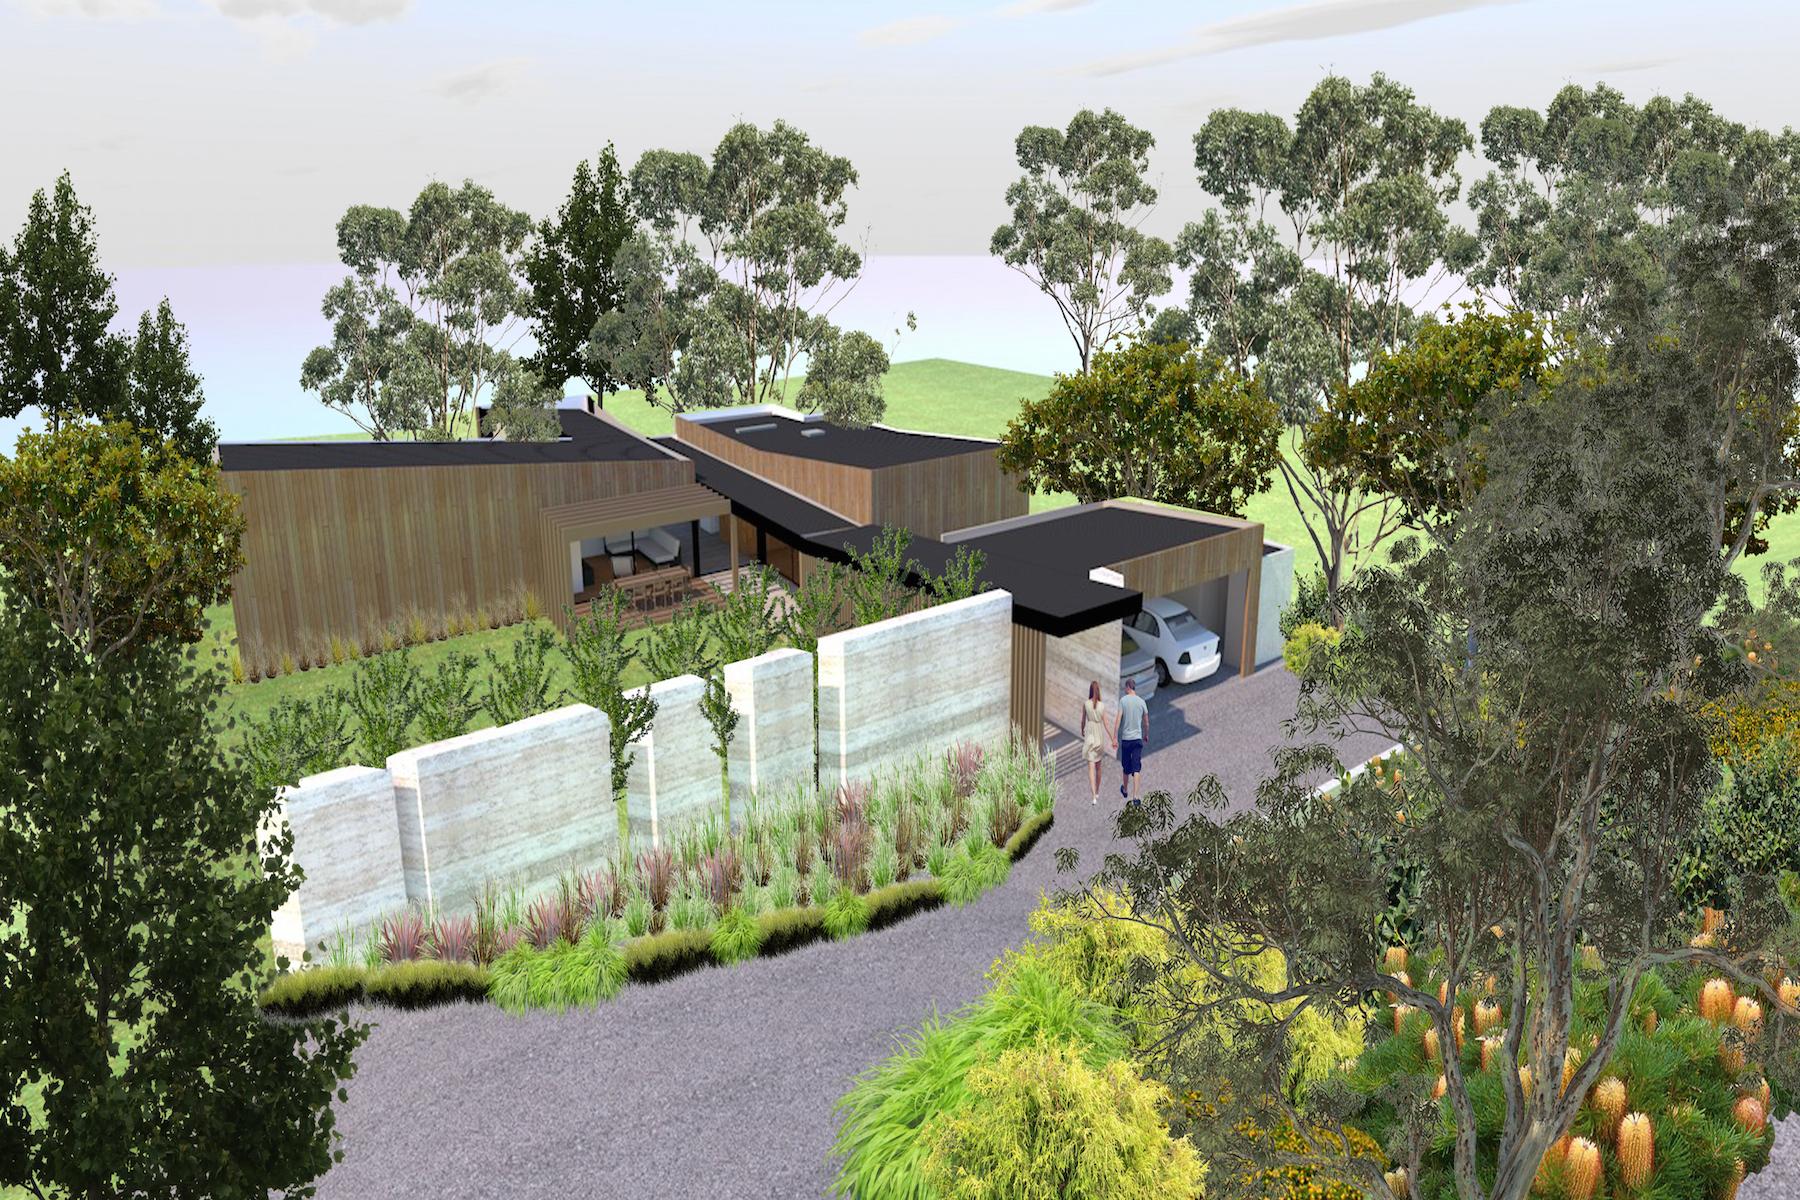 独户住宅 为 销售 在 9 Parkside Street, Sorrento 墨尔本, 维多利亚, 3943 澳大利亚